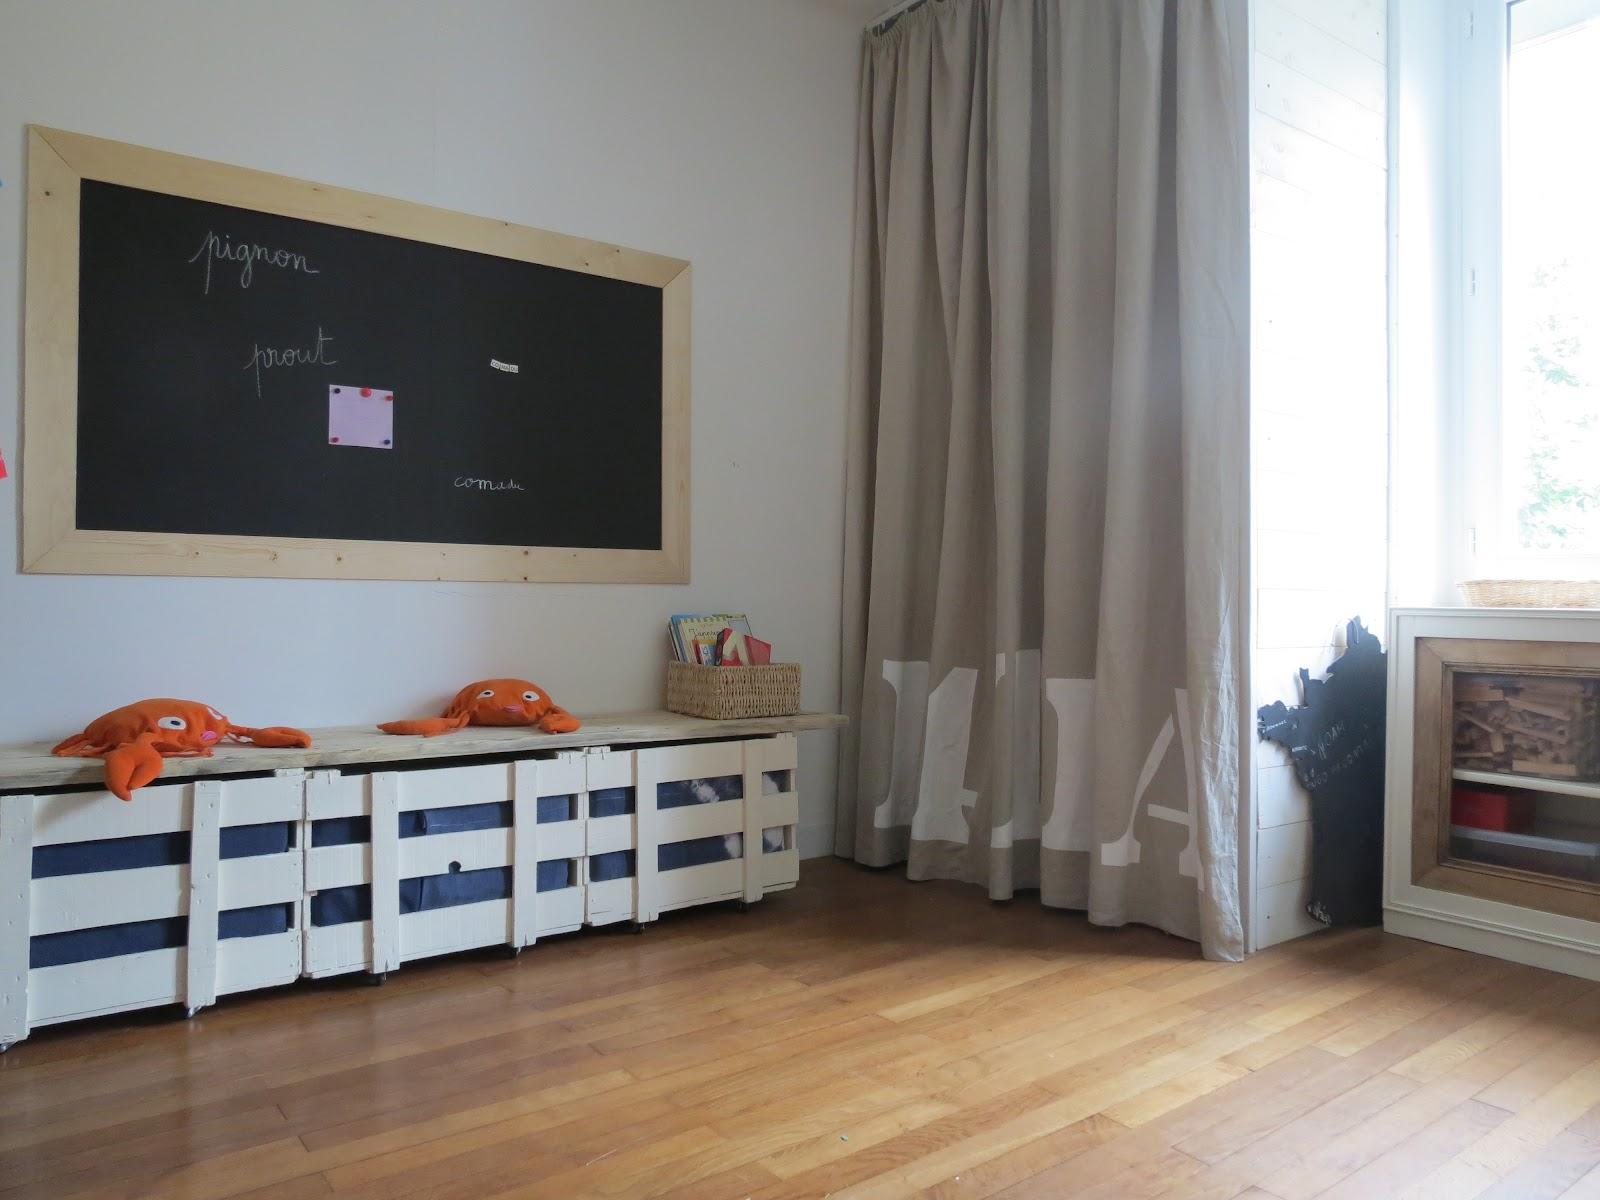 Teano mon tout beau 09 01 2012 10 01 2012 for Grillage a poule pour meuble